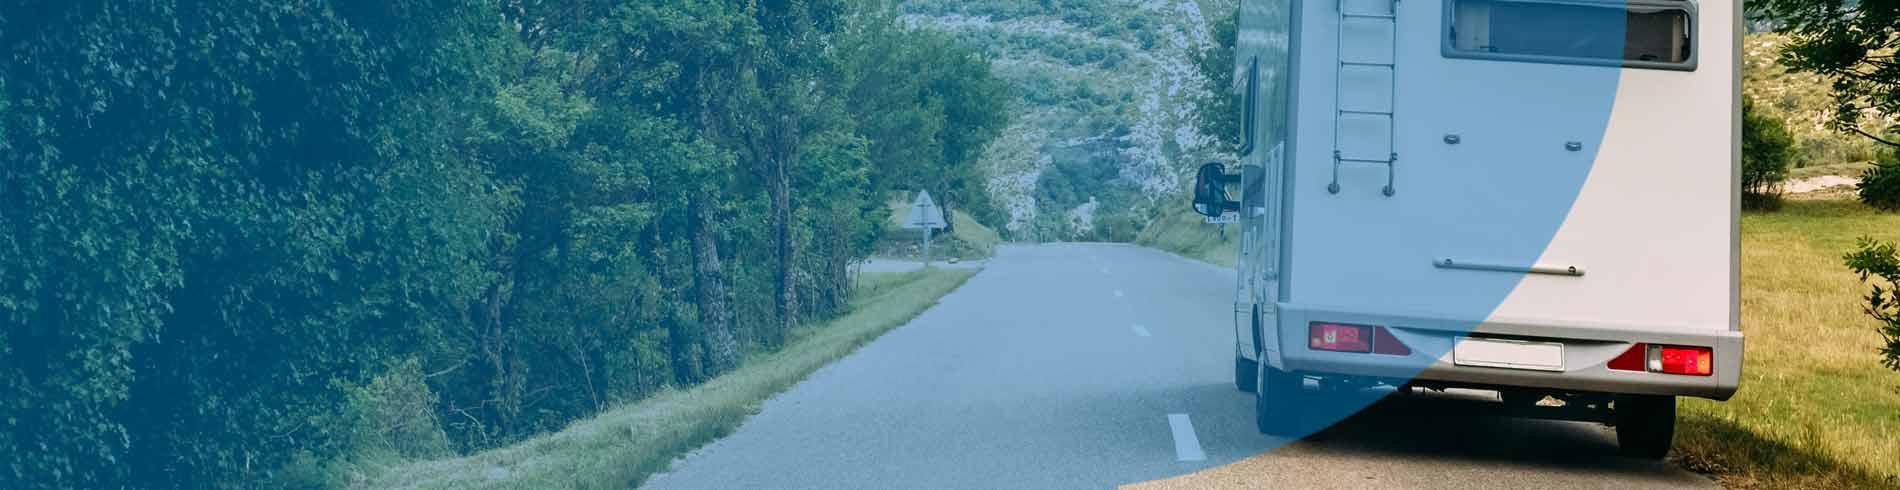 Assegurances per a furgonetes i autocaravanes